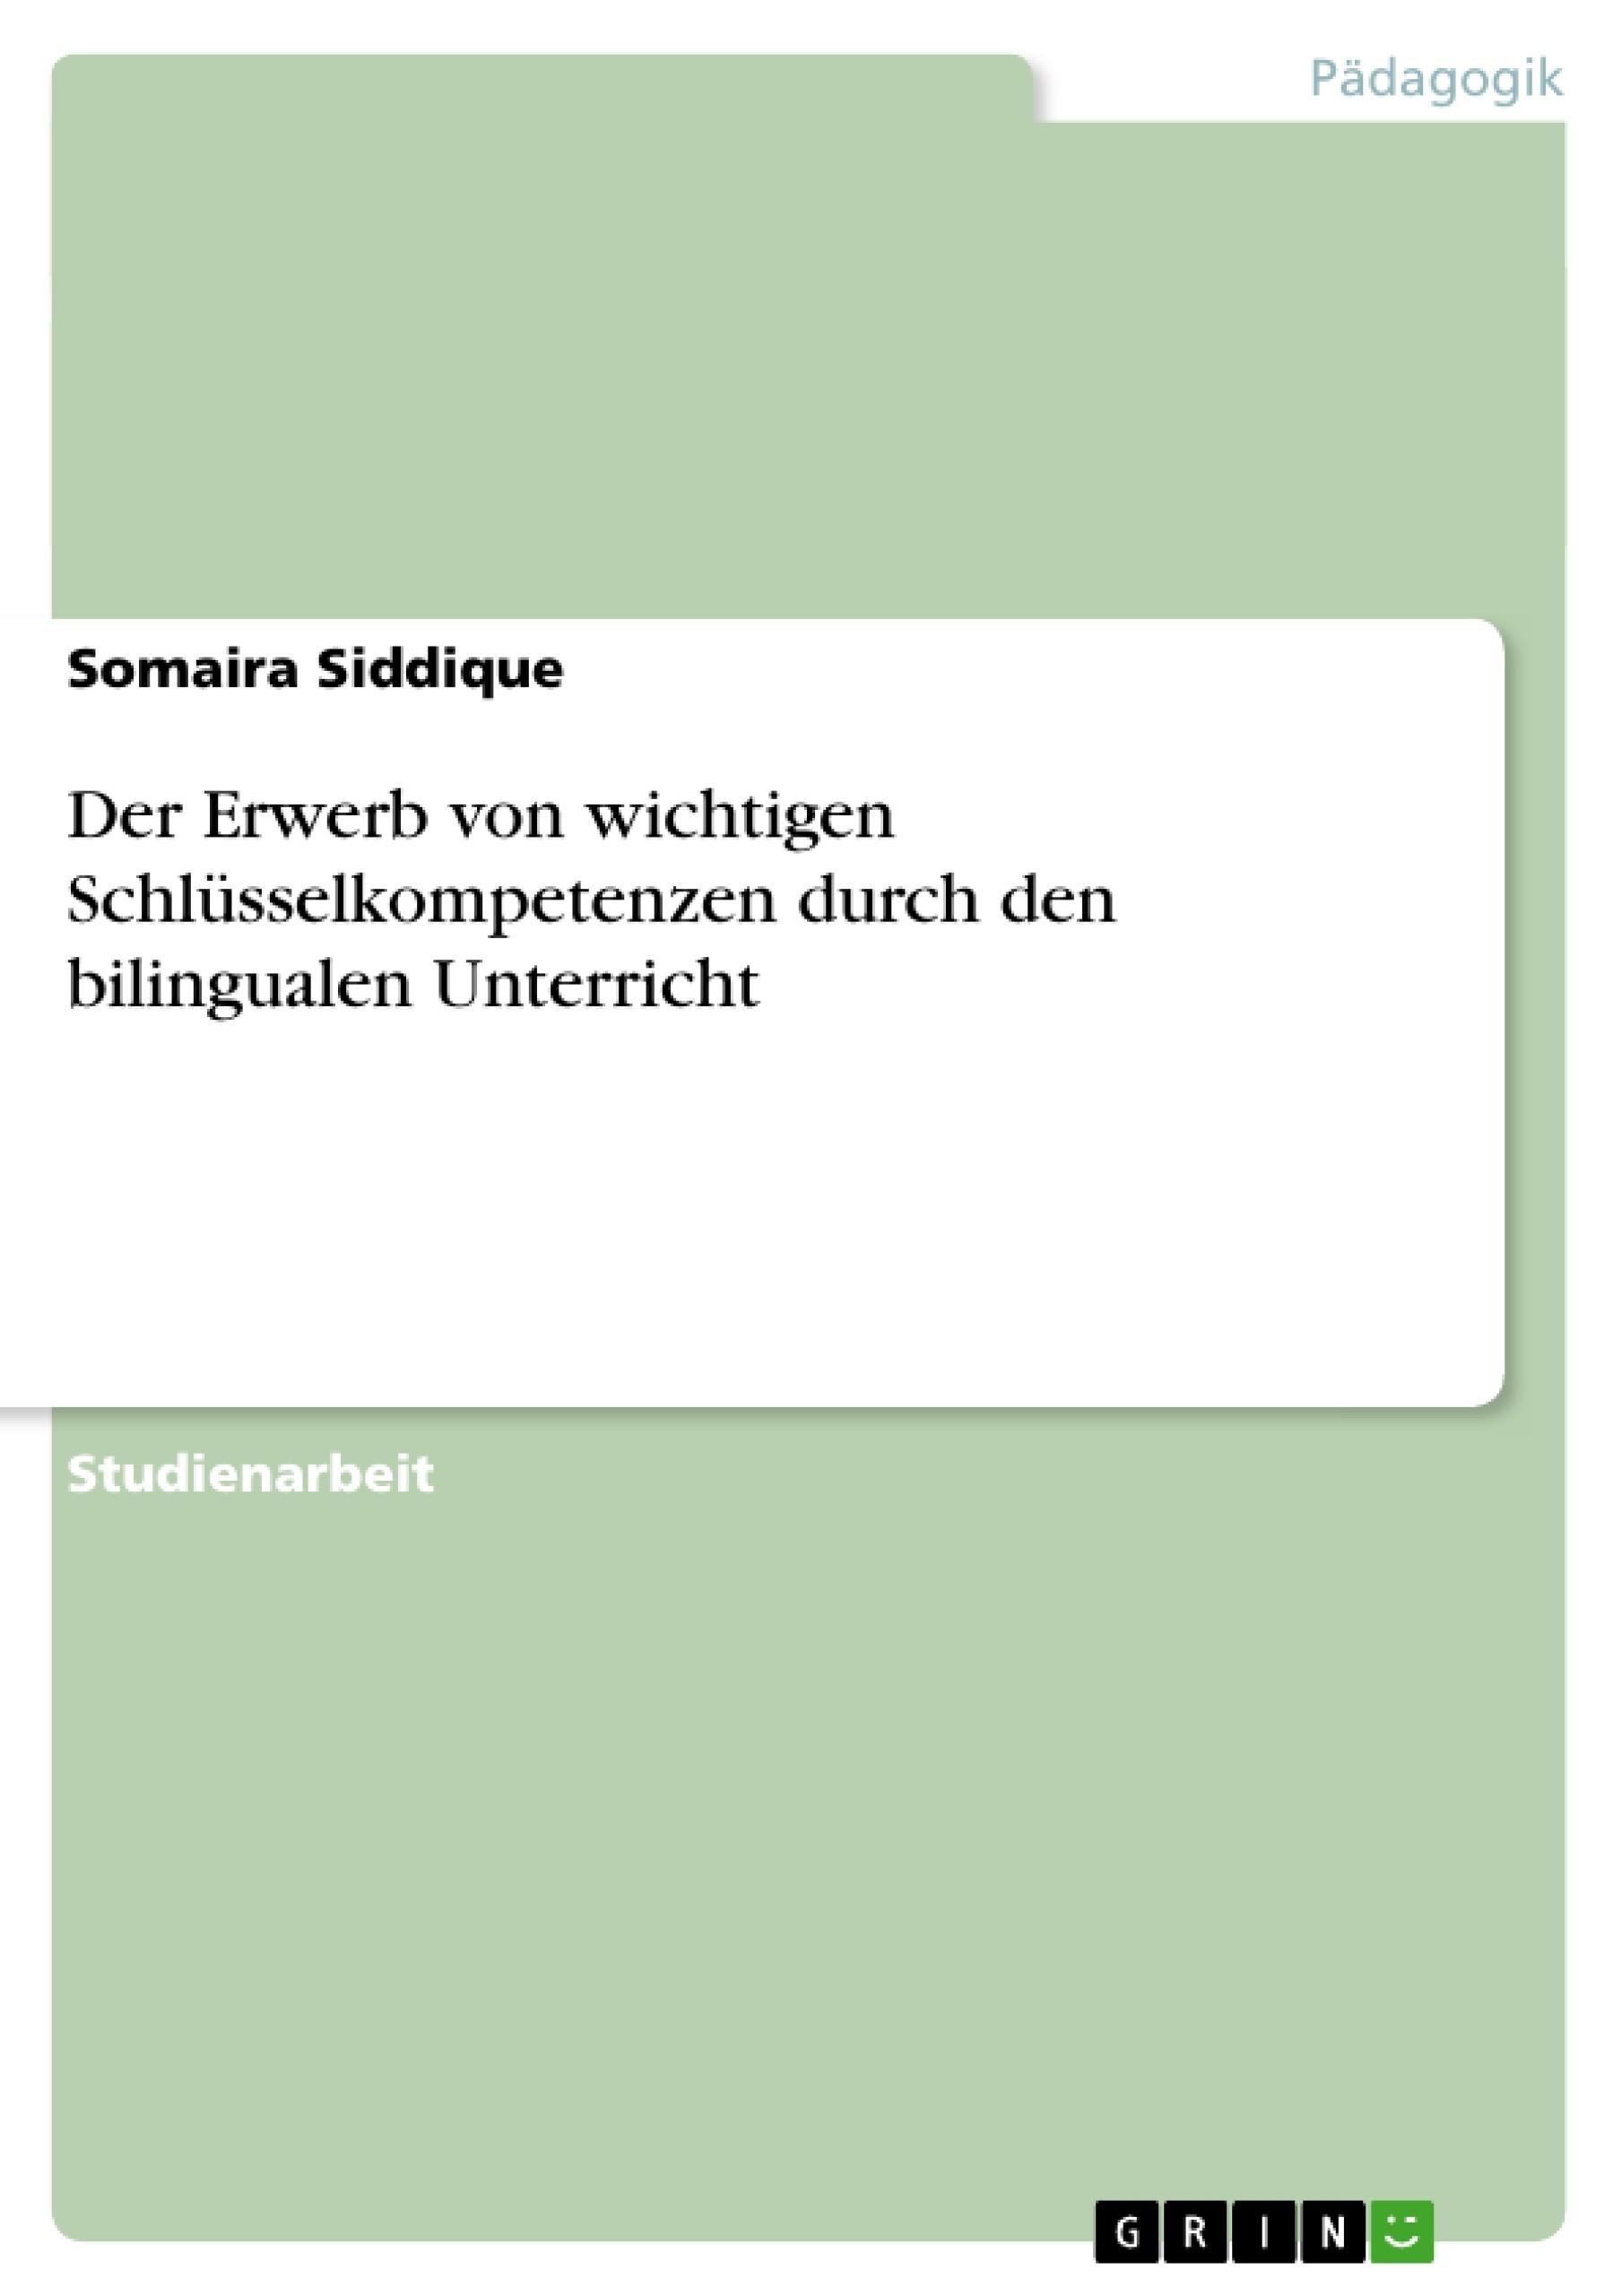 Titel: Der Erwerb von wichtigen Schlüsselkompetenzen durch den bilingualen Unterricht